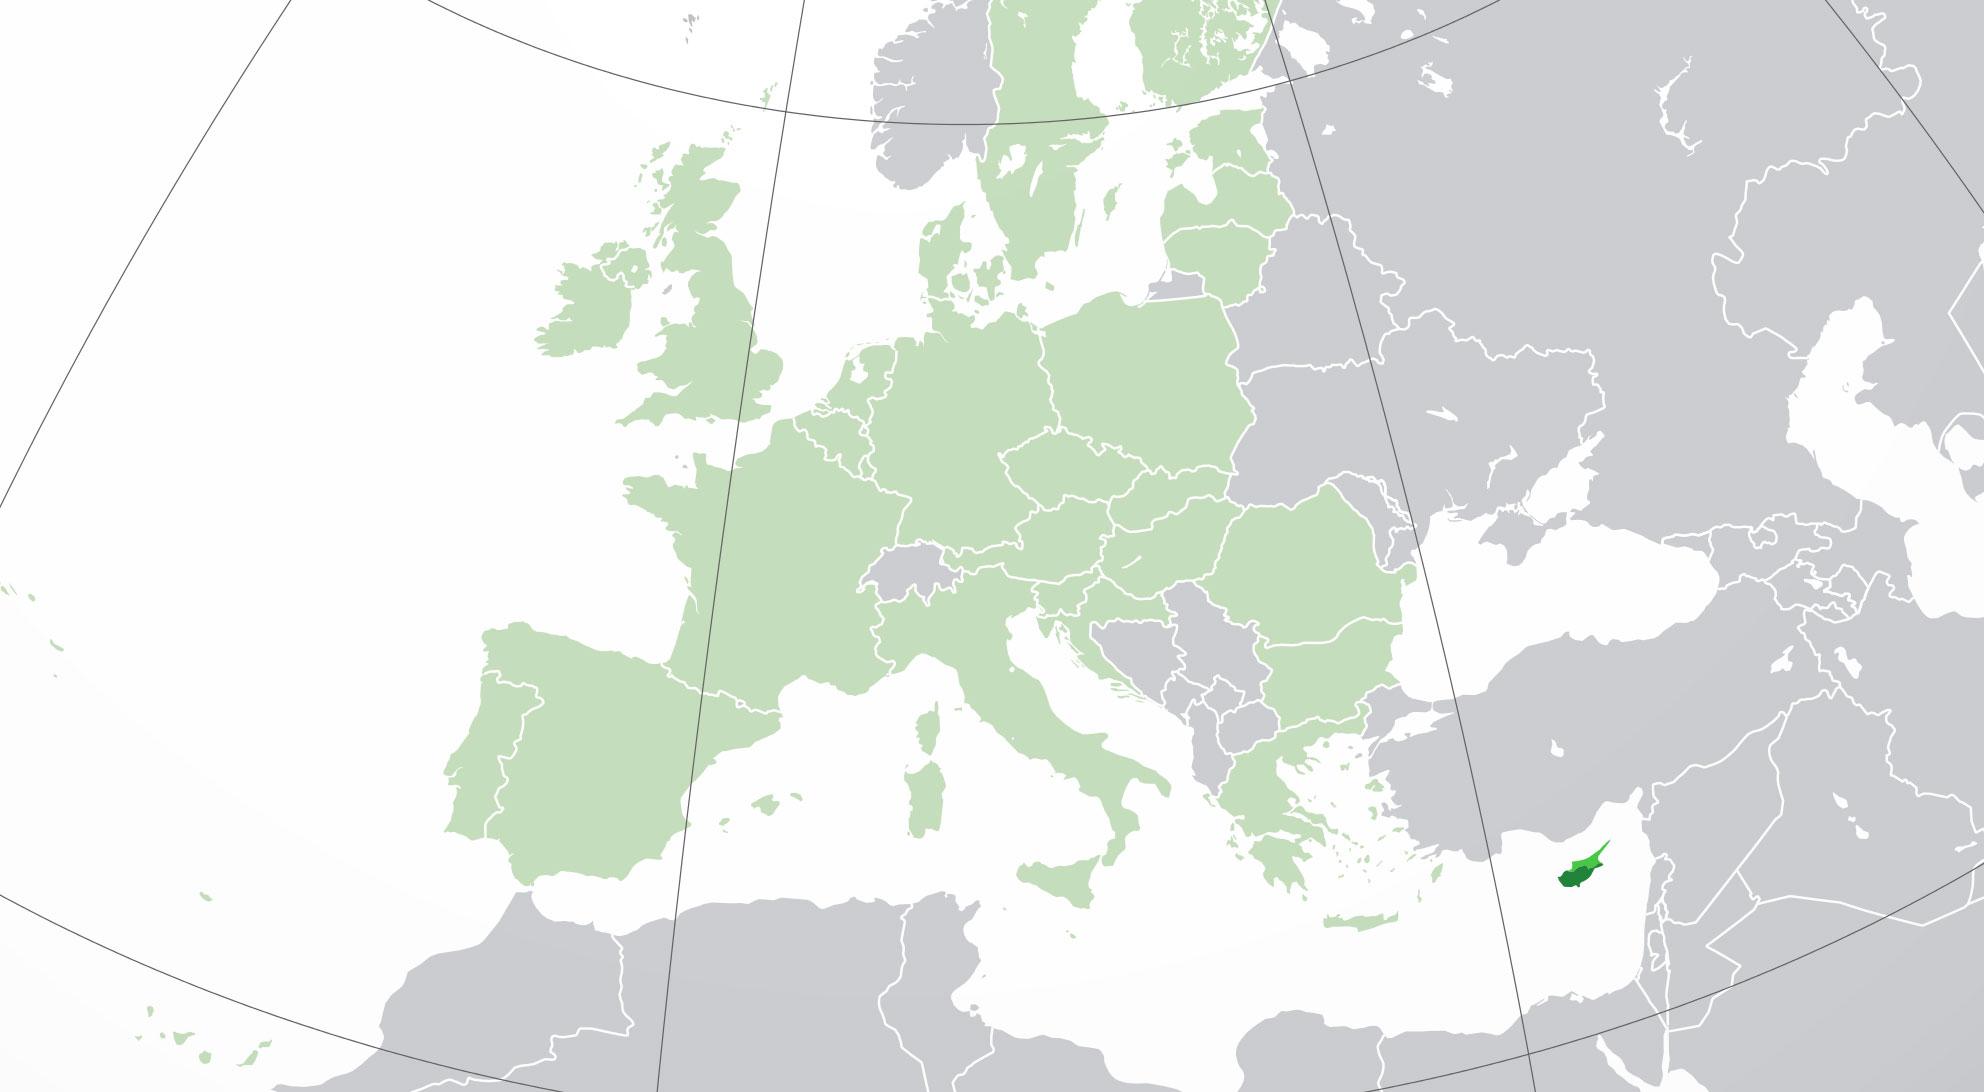 Localización geográfica de Chipre